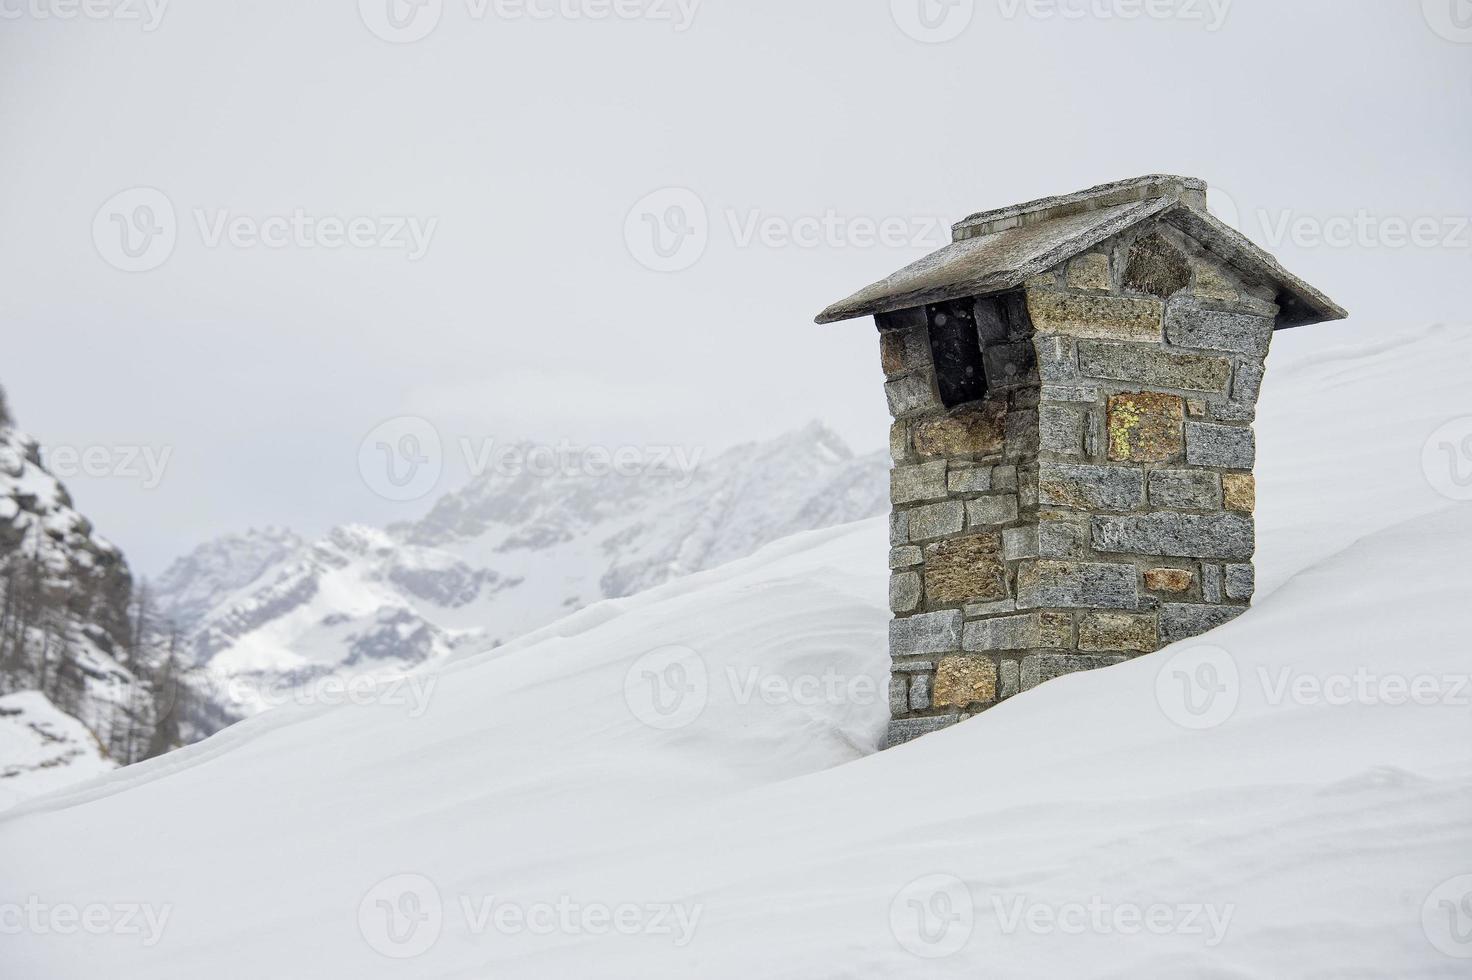 Techo de la casa de montaña con chimenea humeante foto